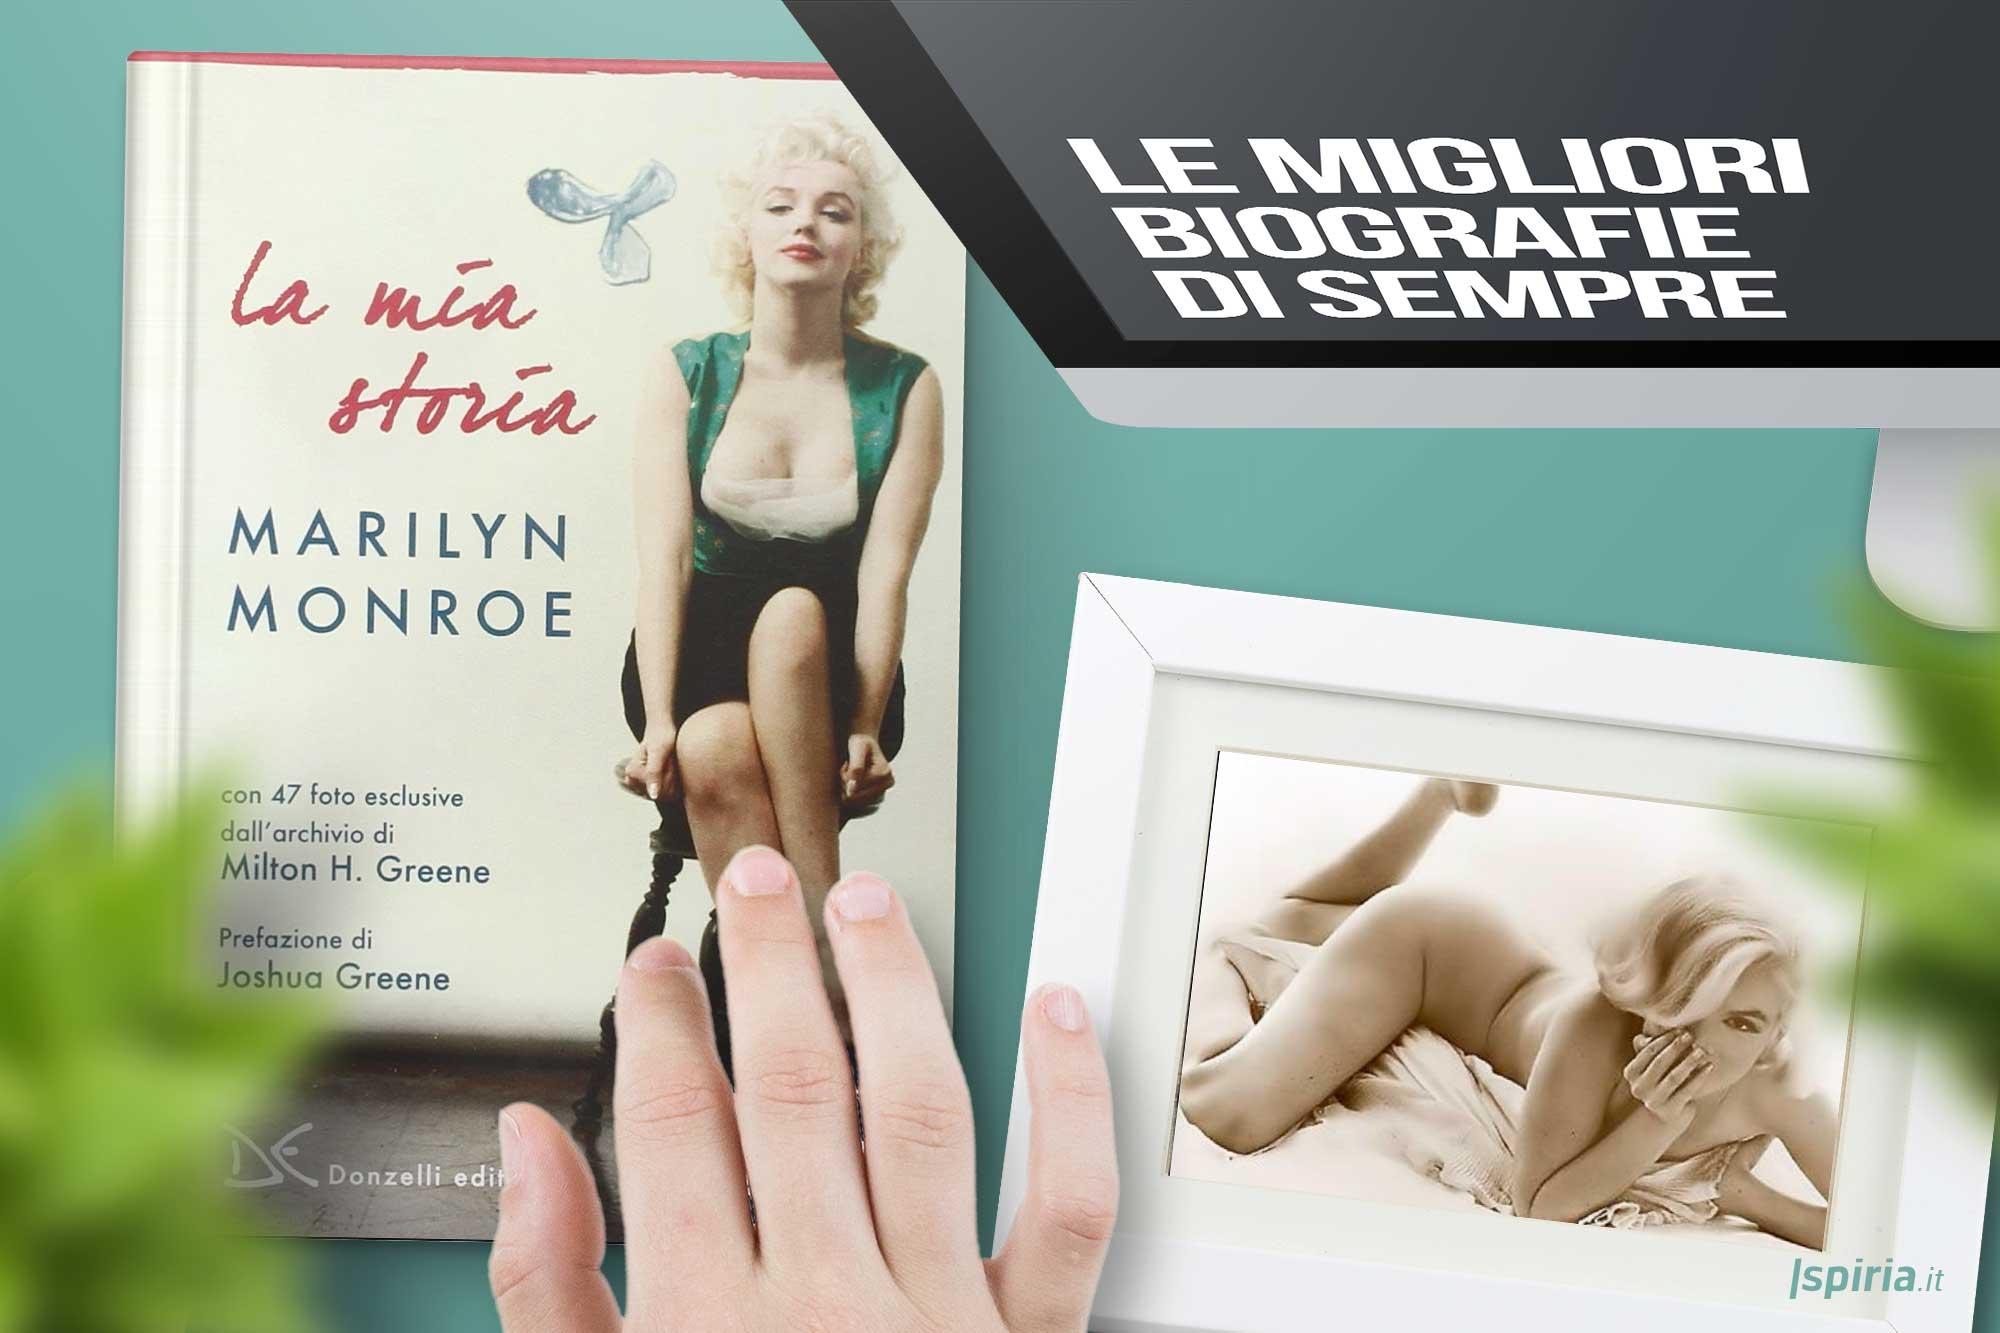 biografia-marilin-mondroe-migliori-biografie-da-leggere